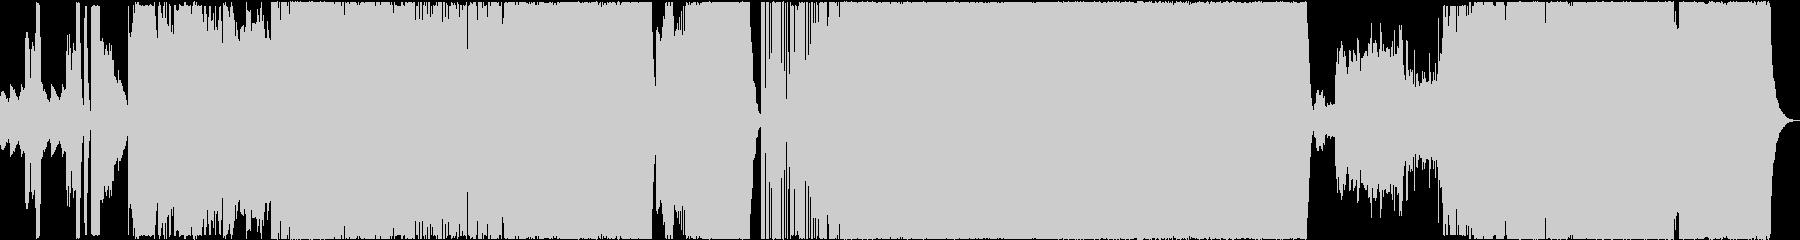 幻想的で荘重なシンフォニック・ロックの未再生の波形